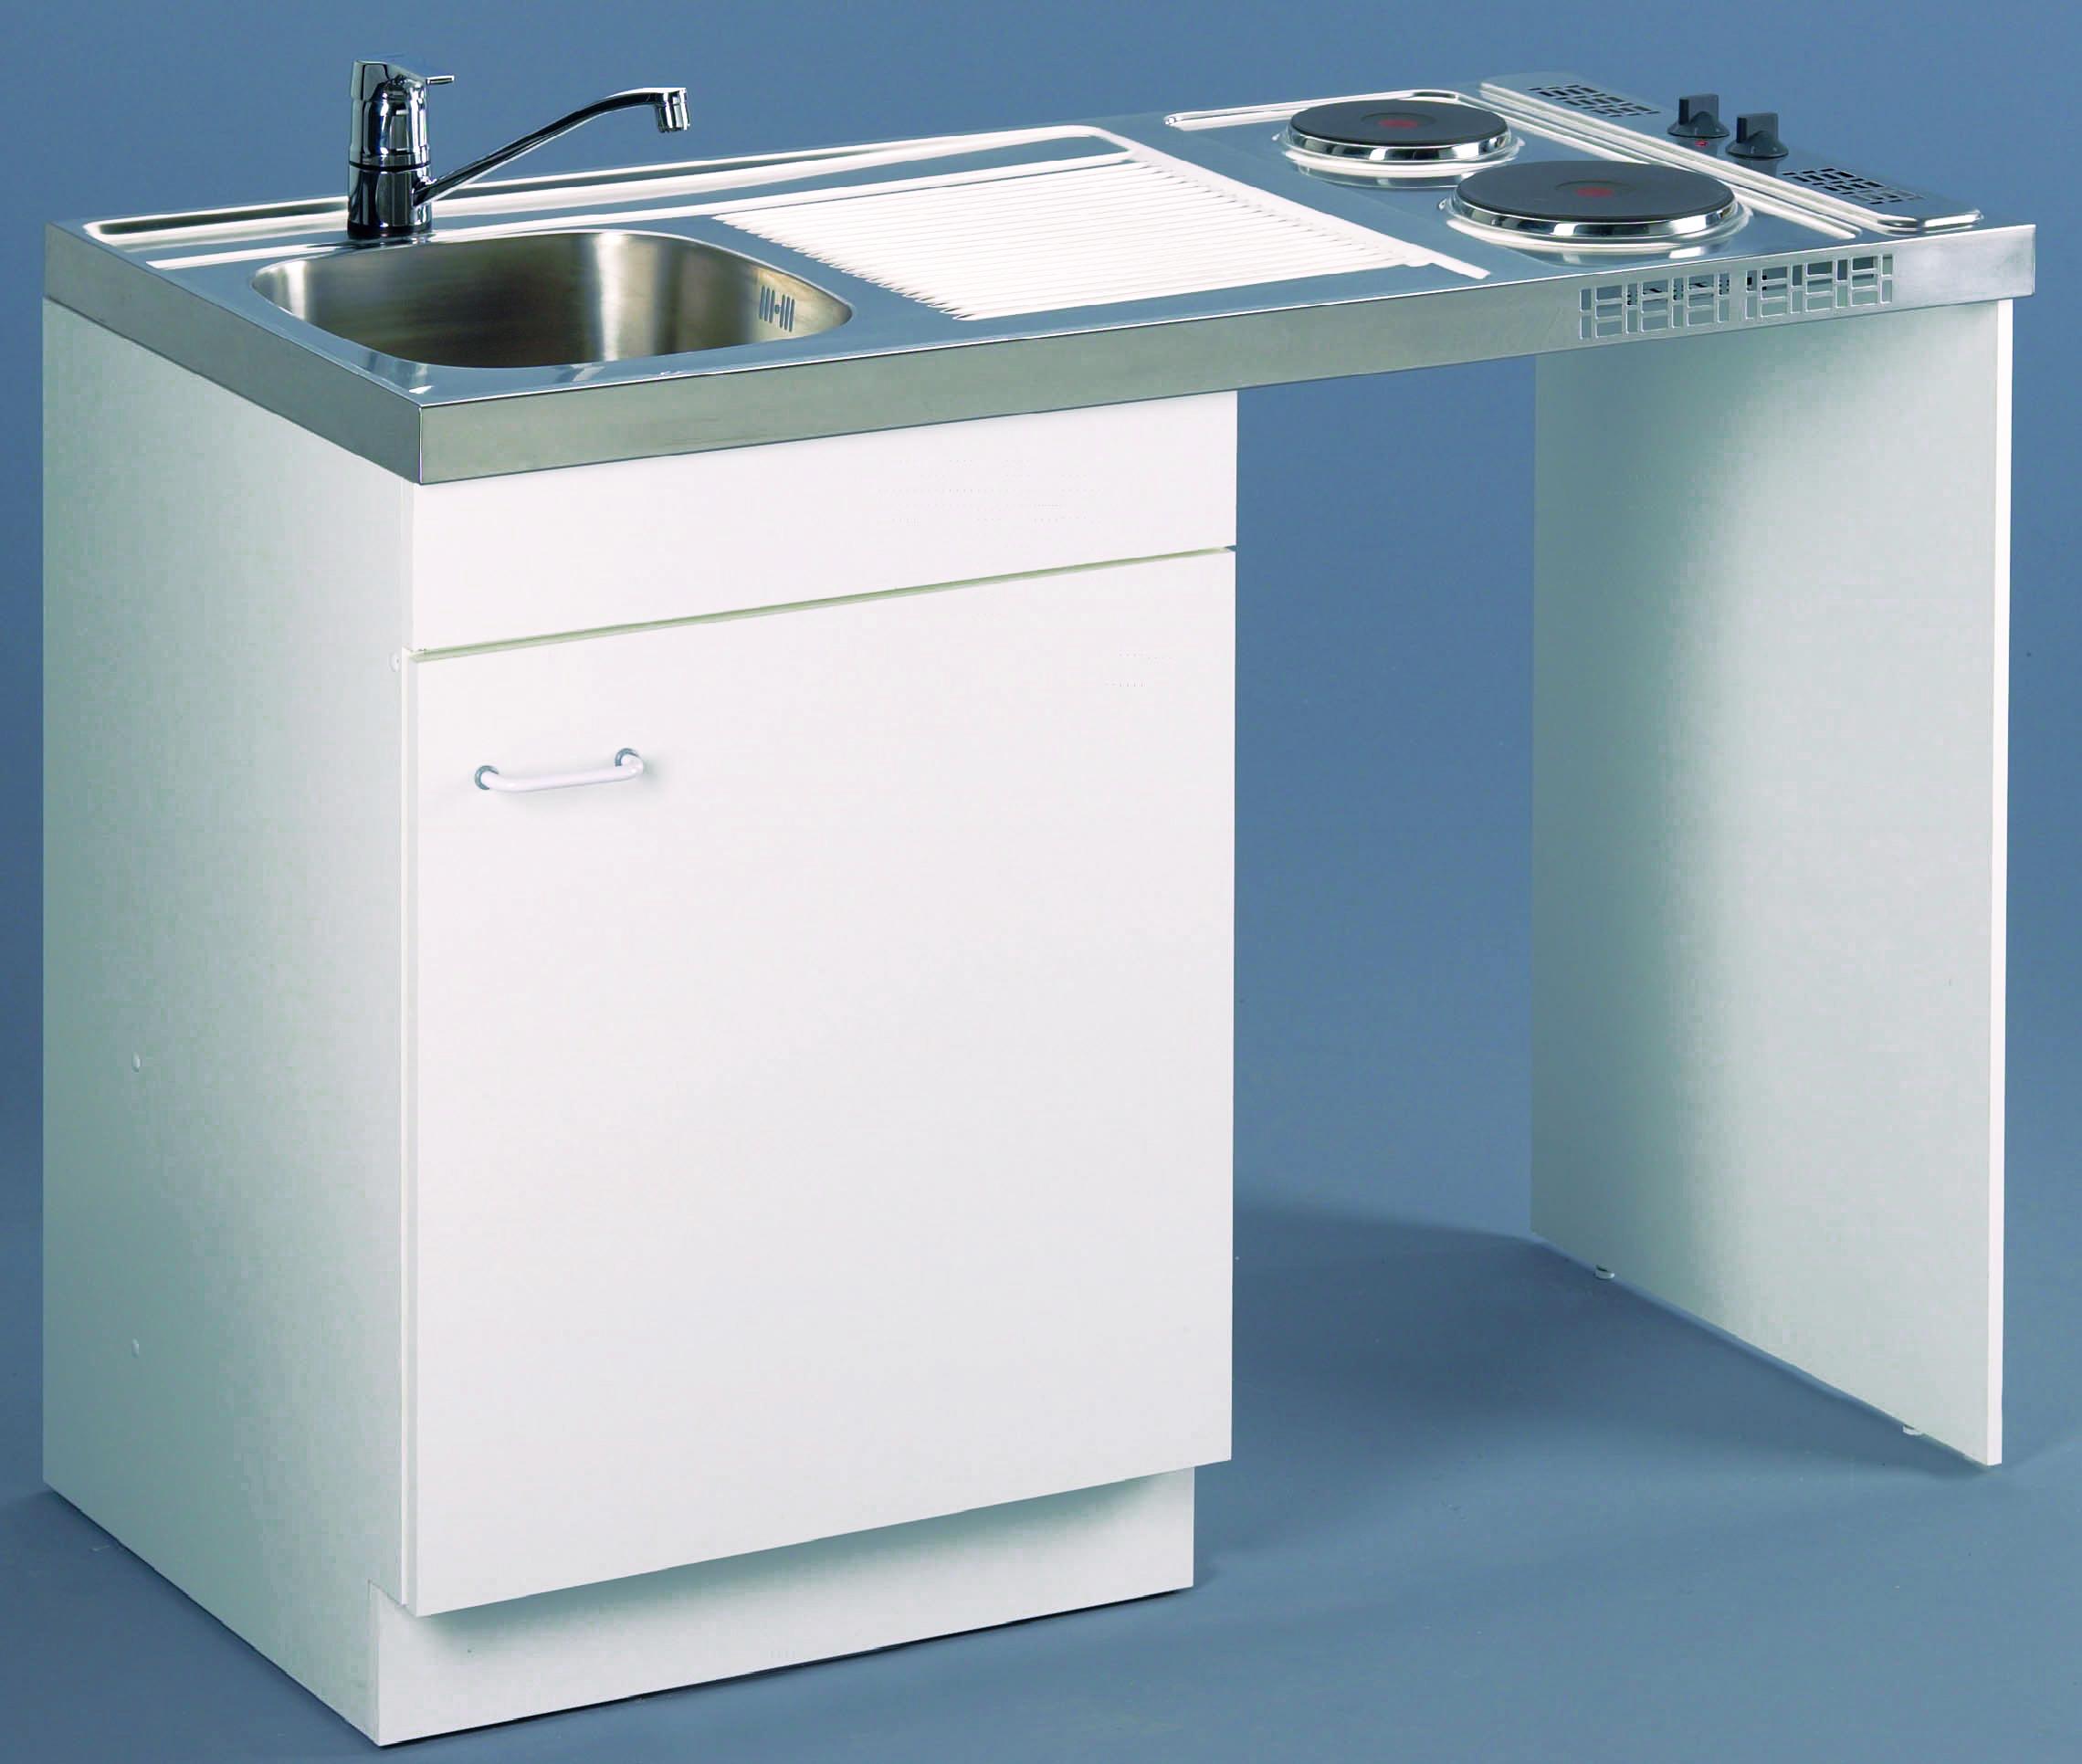 Meuble de cuisine sous vier lave vaisselle aquarine for Meuble cuisine hauteur 110 cm